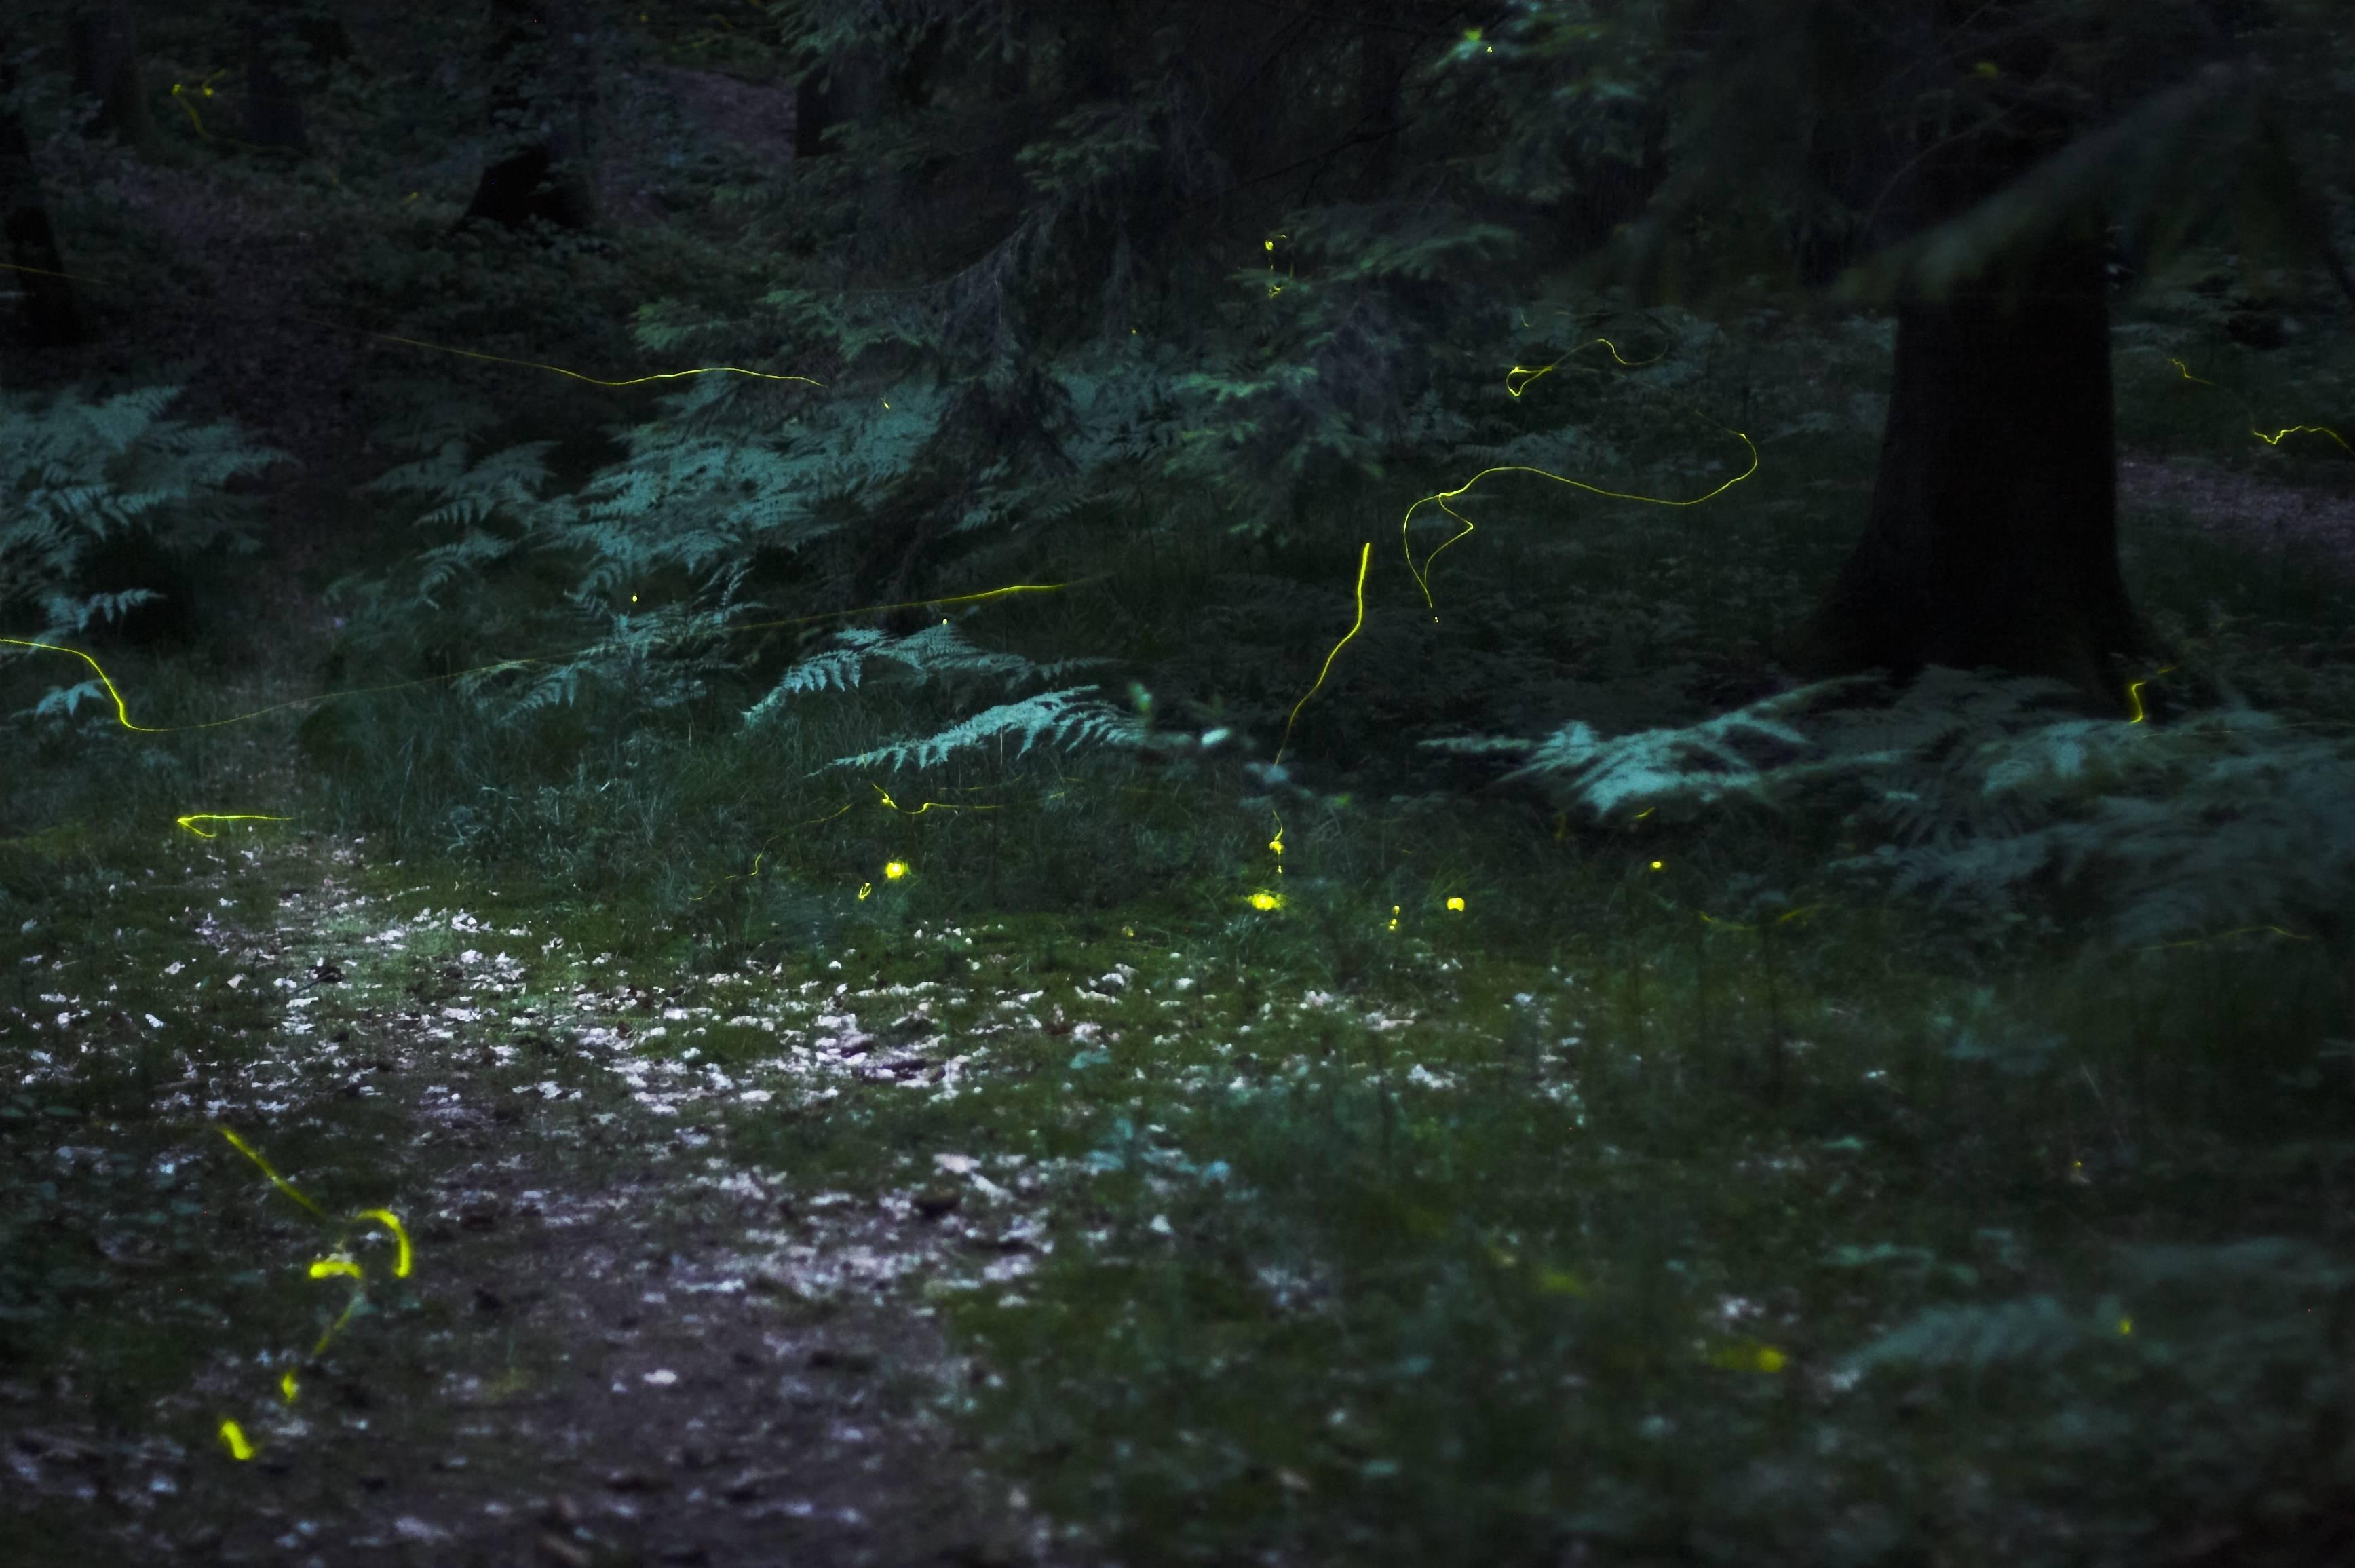 Source: Wikipedia Fireflies at Night